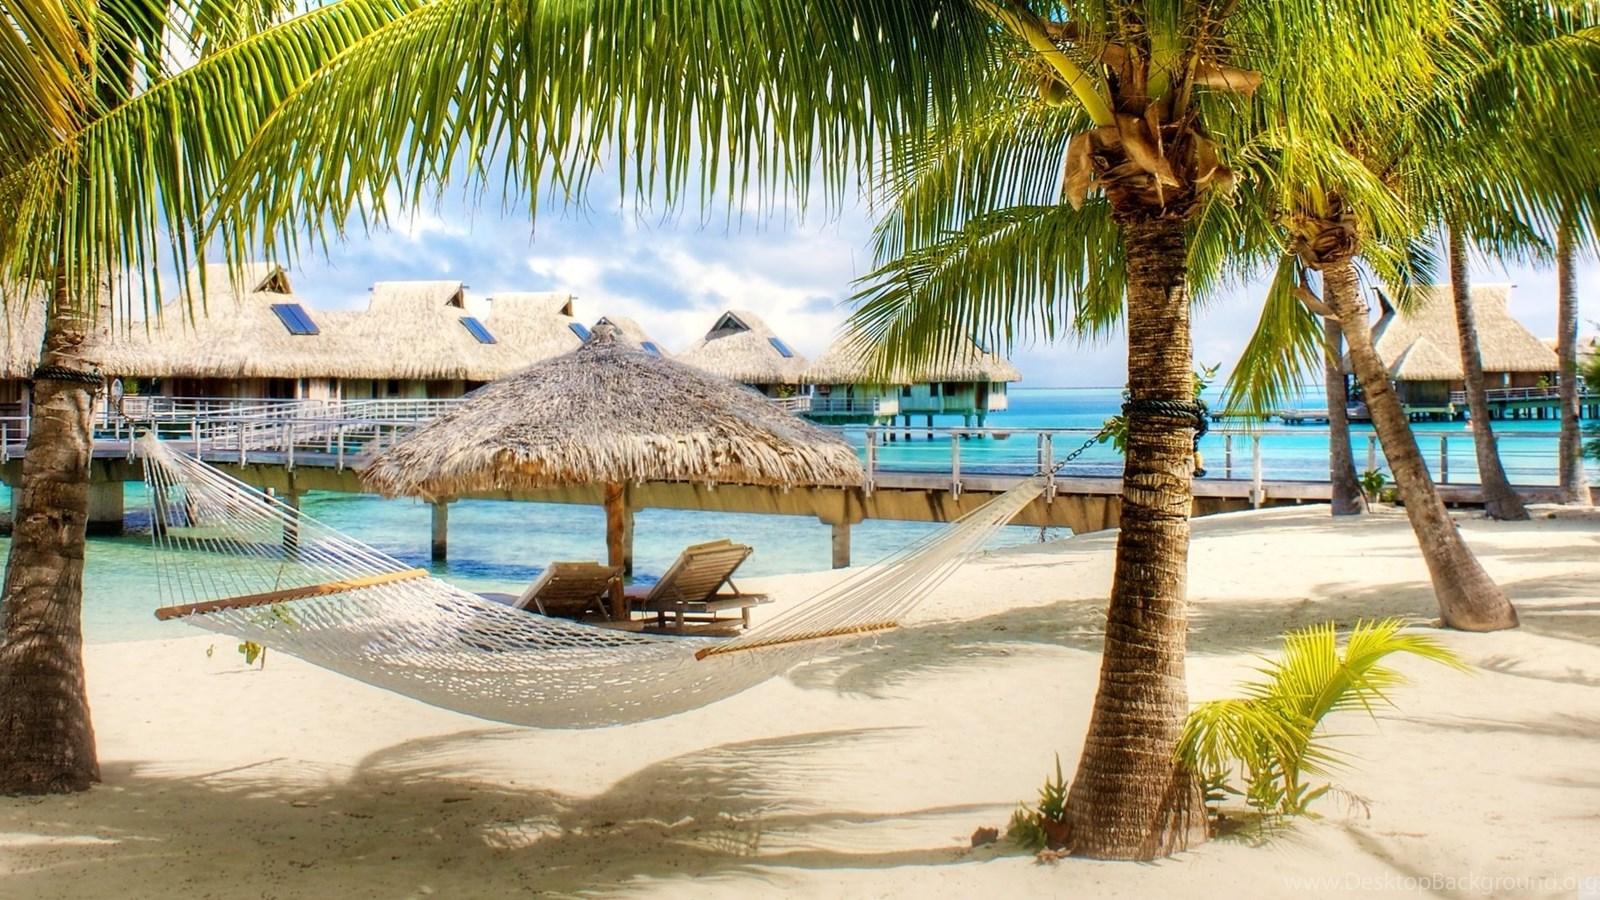 Most Inspiring Wallpaper High Resolution Widescreen - 855316_tropical-beach-resort-hd-desktop-wallpapers-high-definition_2560x1024_h  Pictures_6178100.jpg